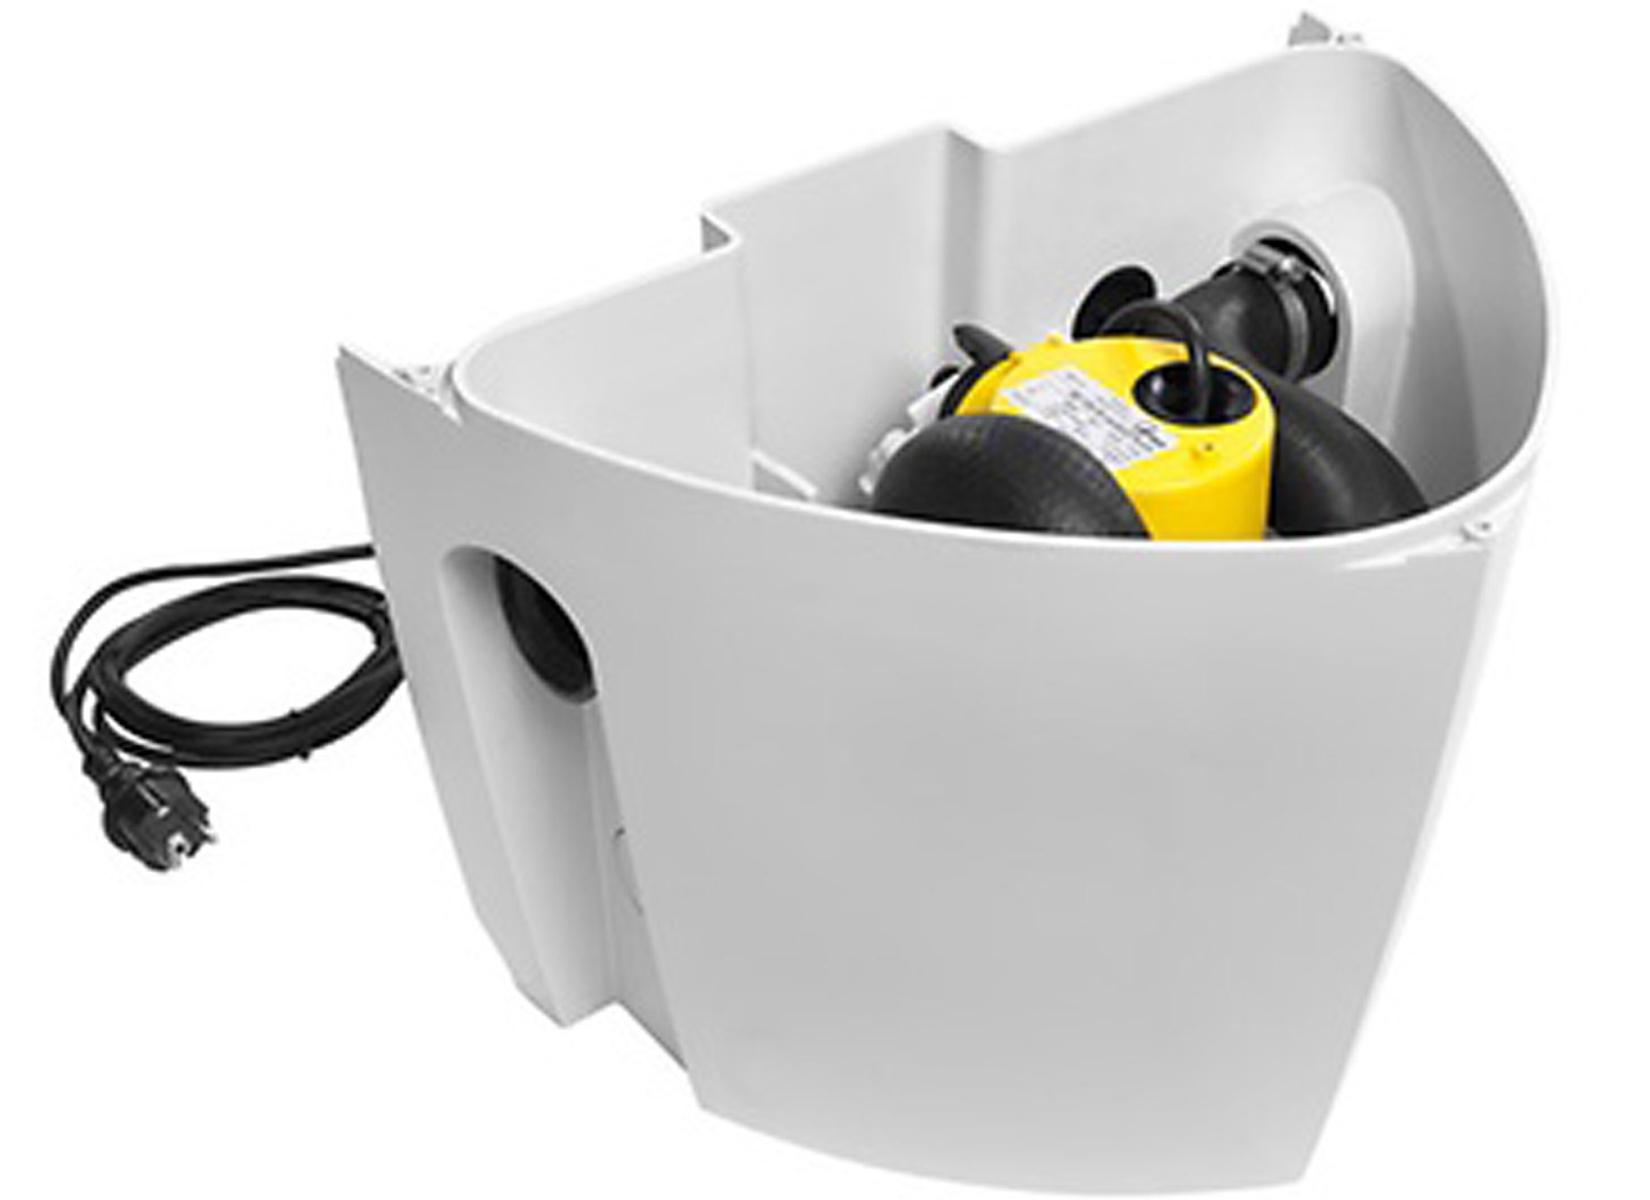 Top KSB Ama Drainer Box Mini Hebeanlage Abwasserhebeanlage YG19